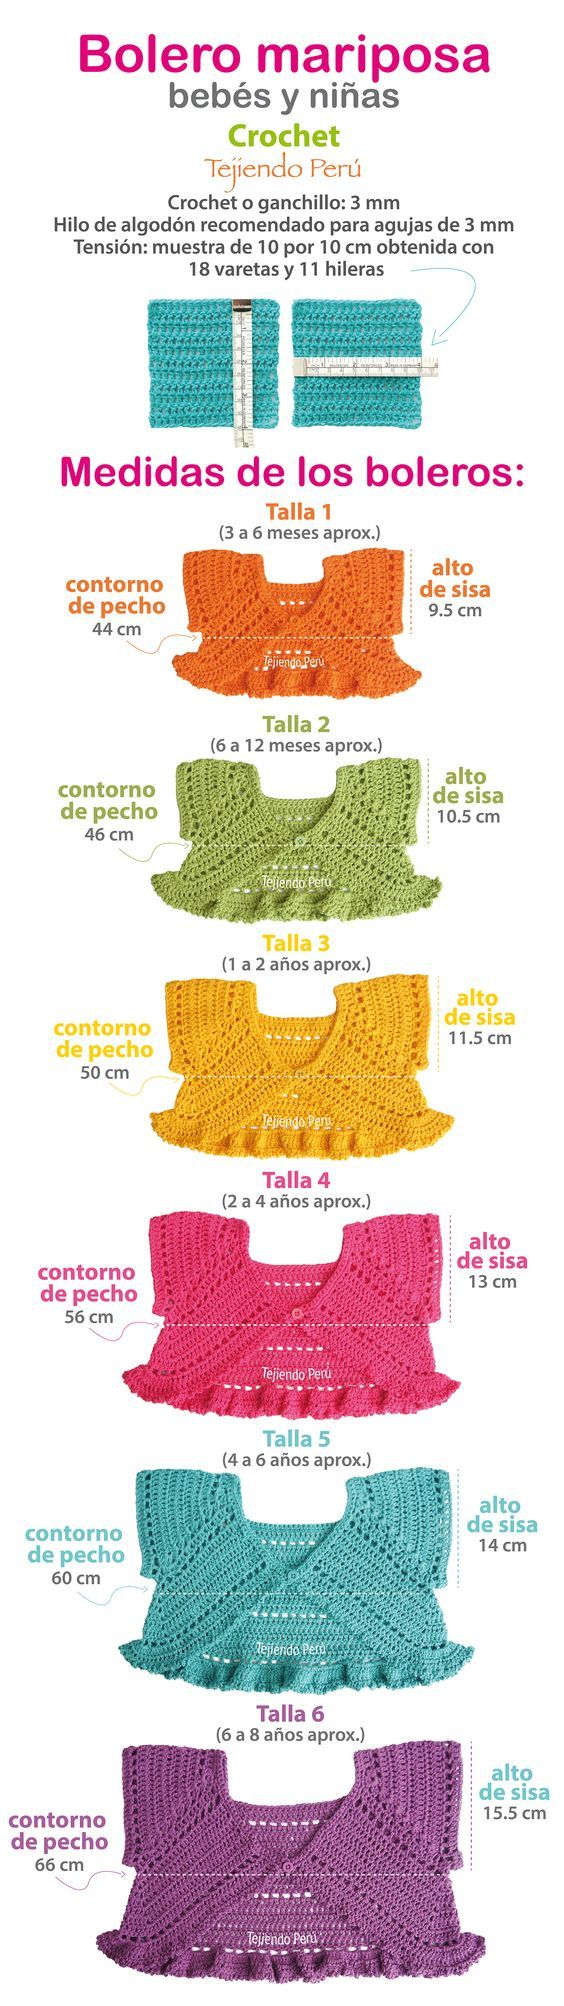 #Bolero mariposa tejido a #crochet para bebés y niñas. Video tutorial del paso a paso!: